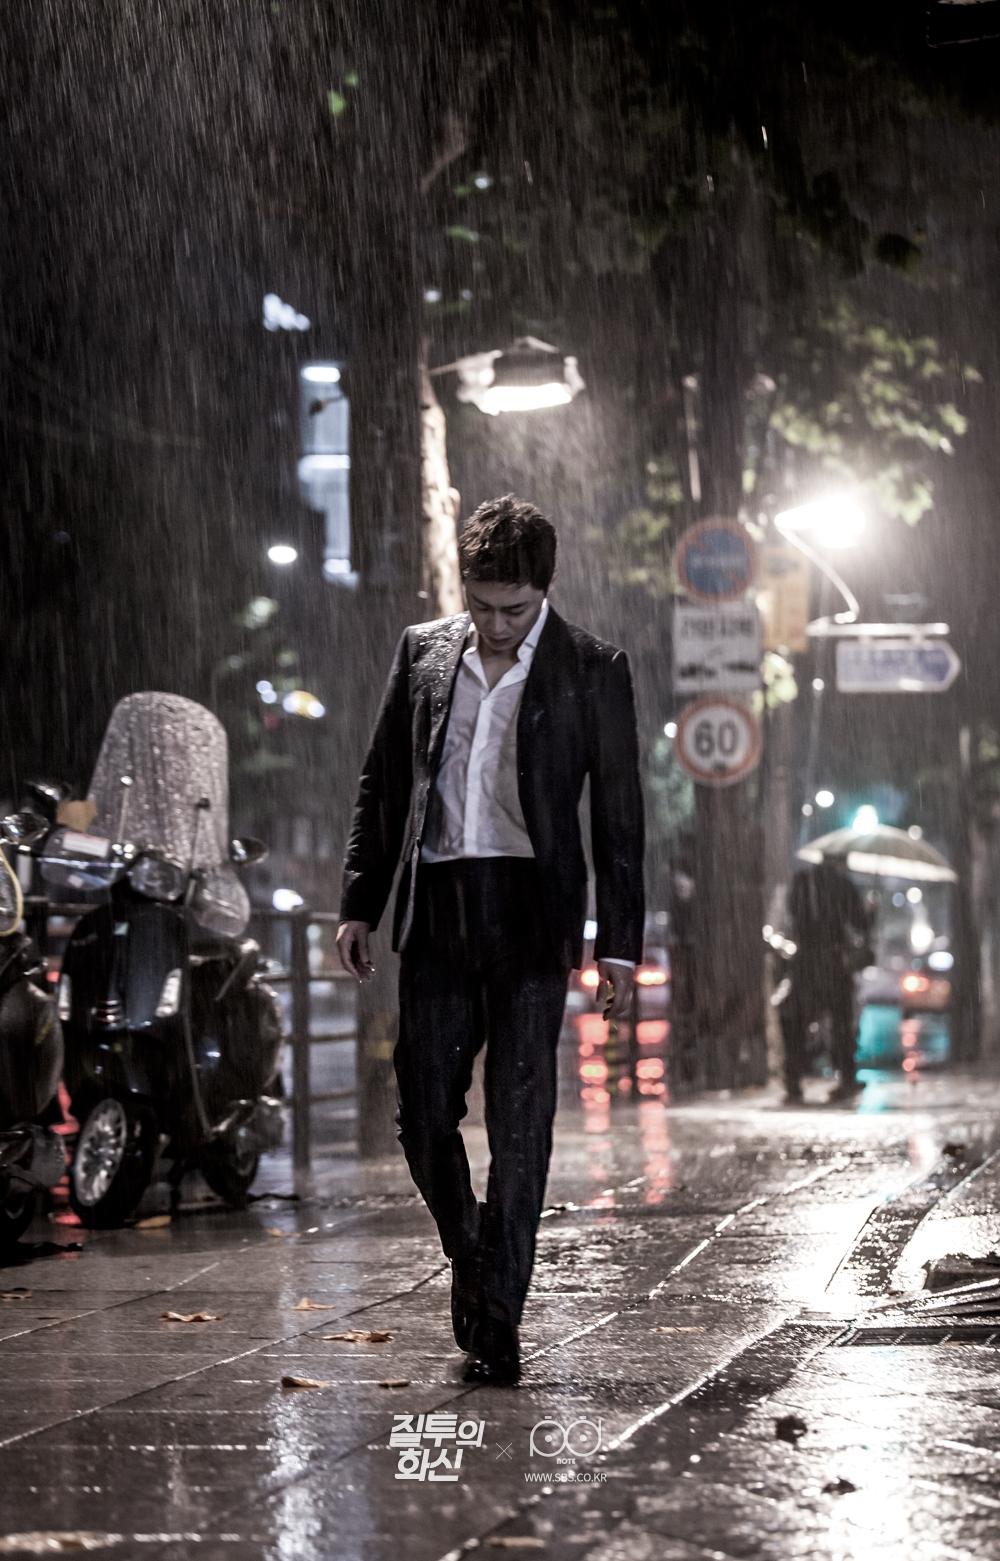 비를 맞으며 땅을 보며 슬프게 걷는 처량한 모습의 화신(조정석) 전신 사진